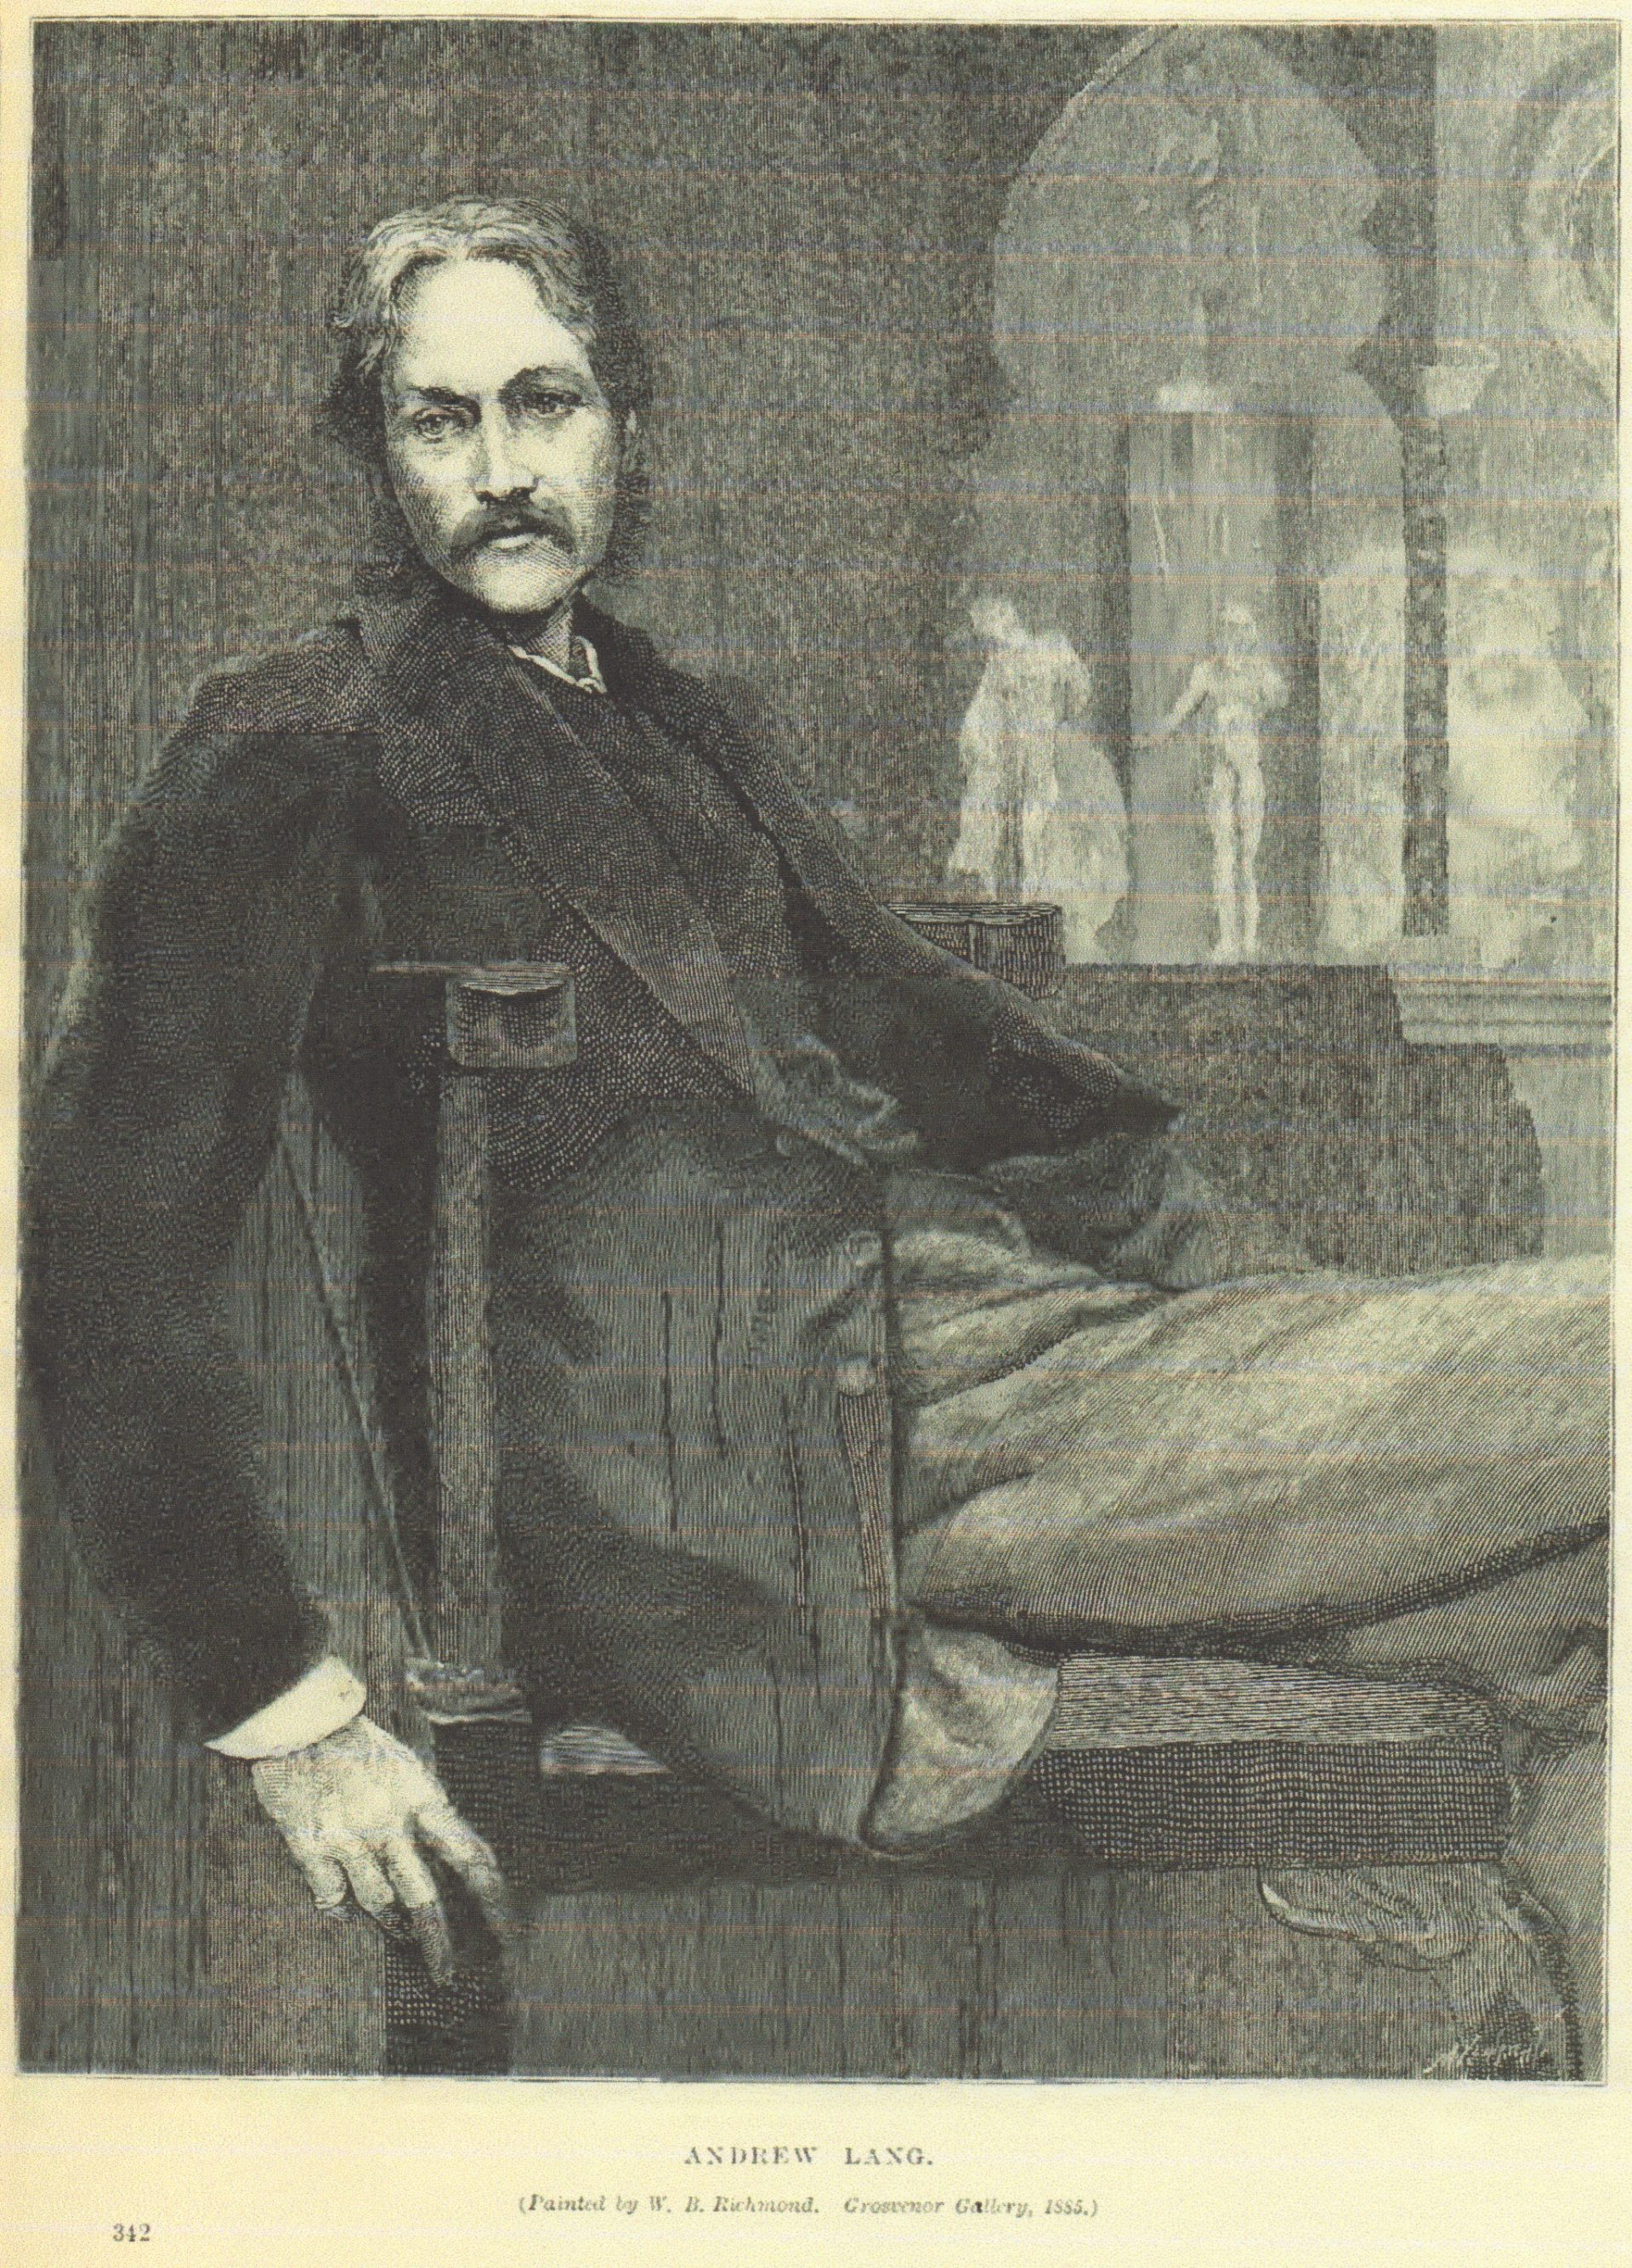 アンドリュー・ラング W.B.リッチモンド画 グロブナー・ギャラリー 1885